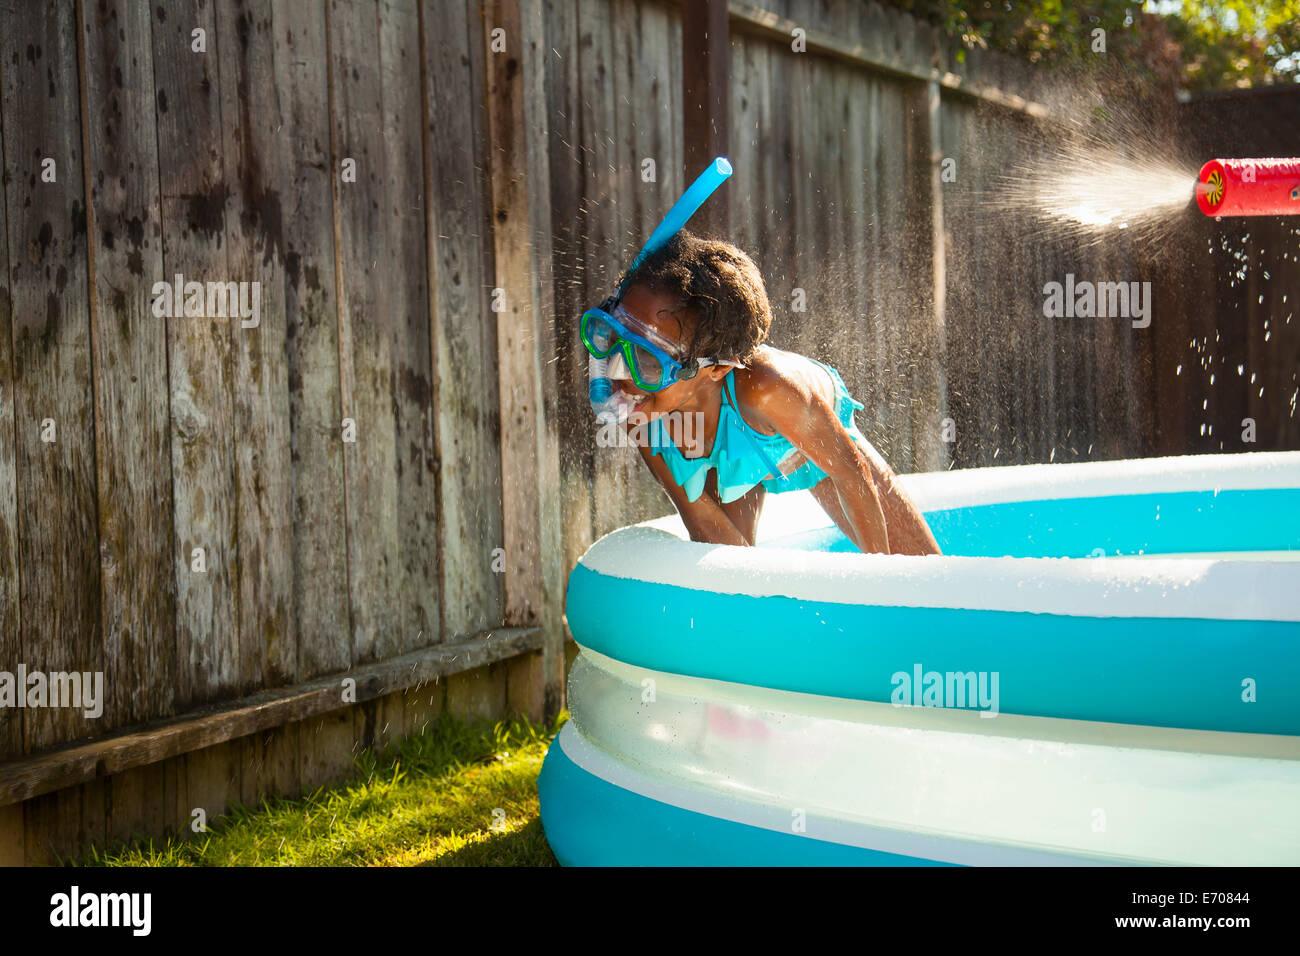 La ragazza di scuba mask getting spruzzato con pistola ad acqua in giardino piscina per bambini Immagini Stock